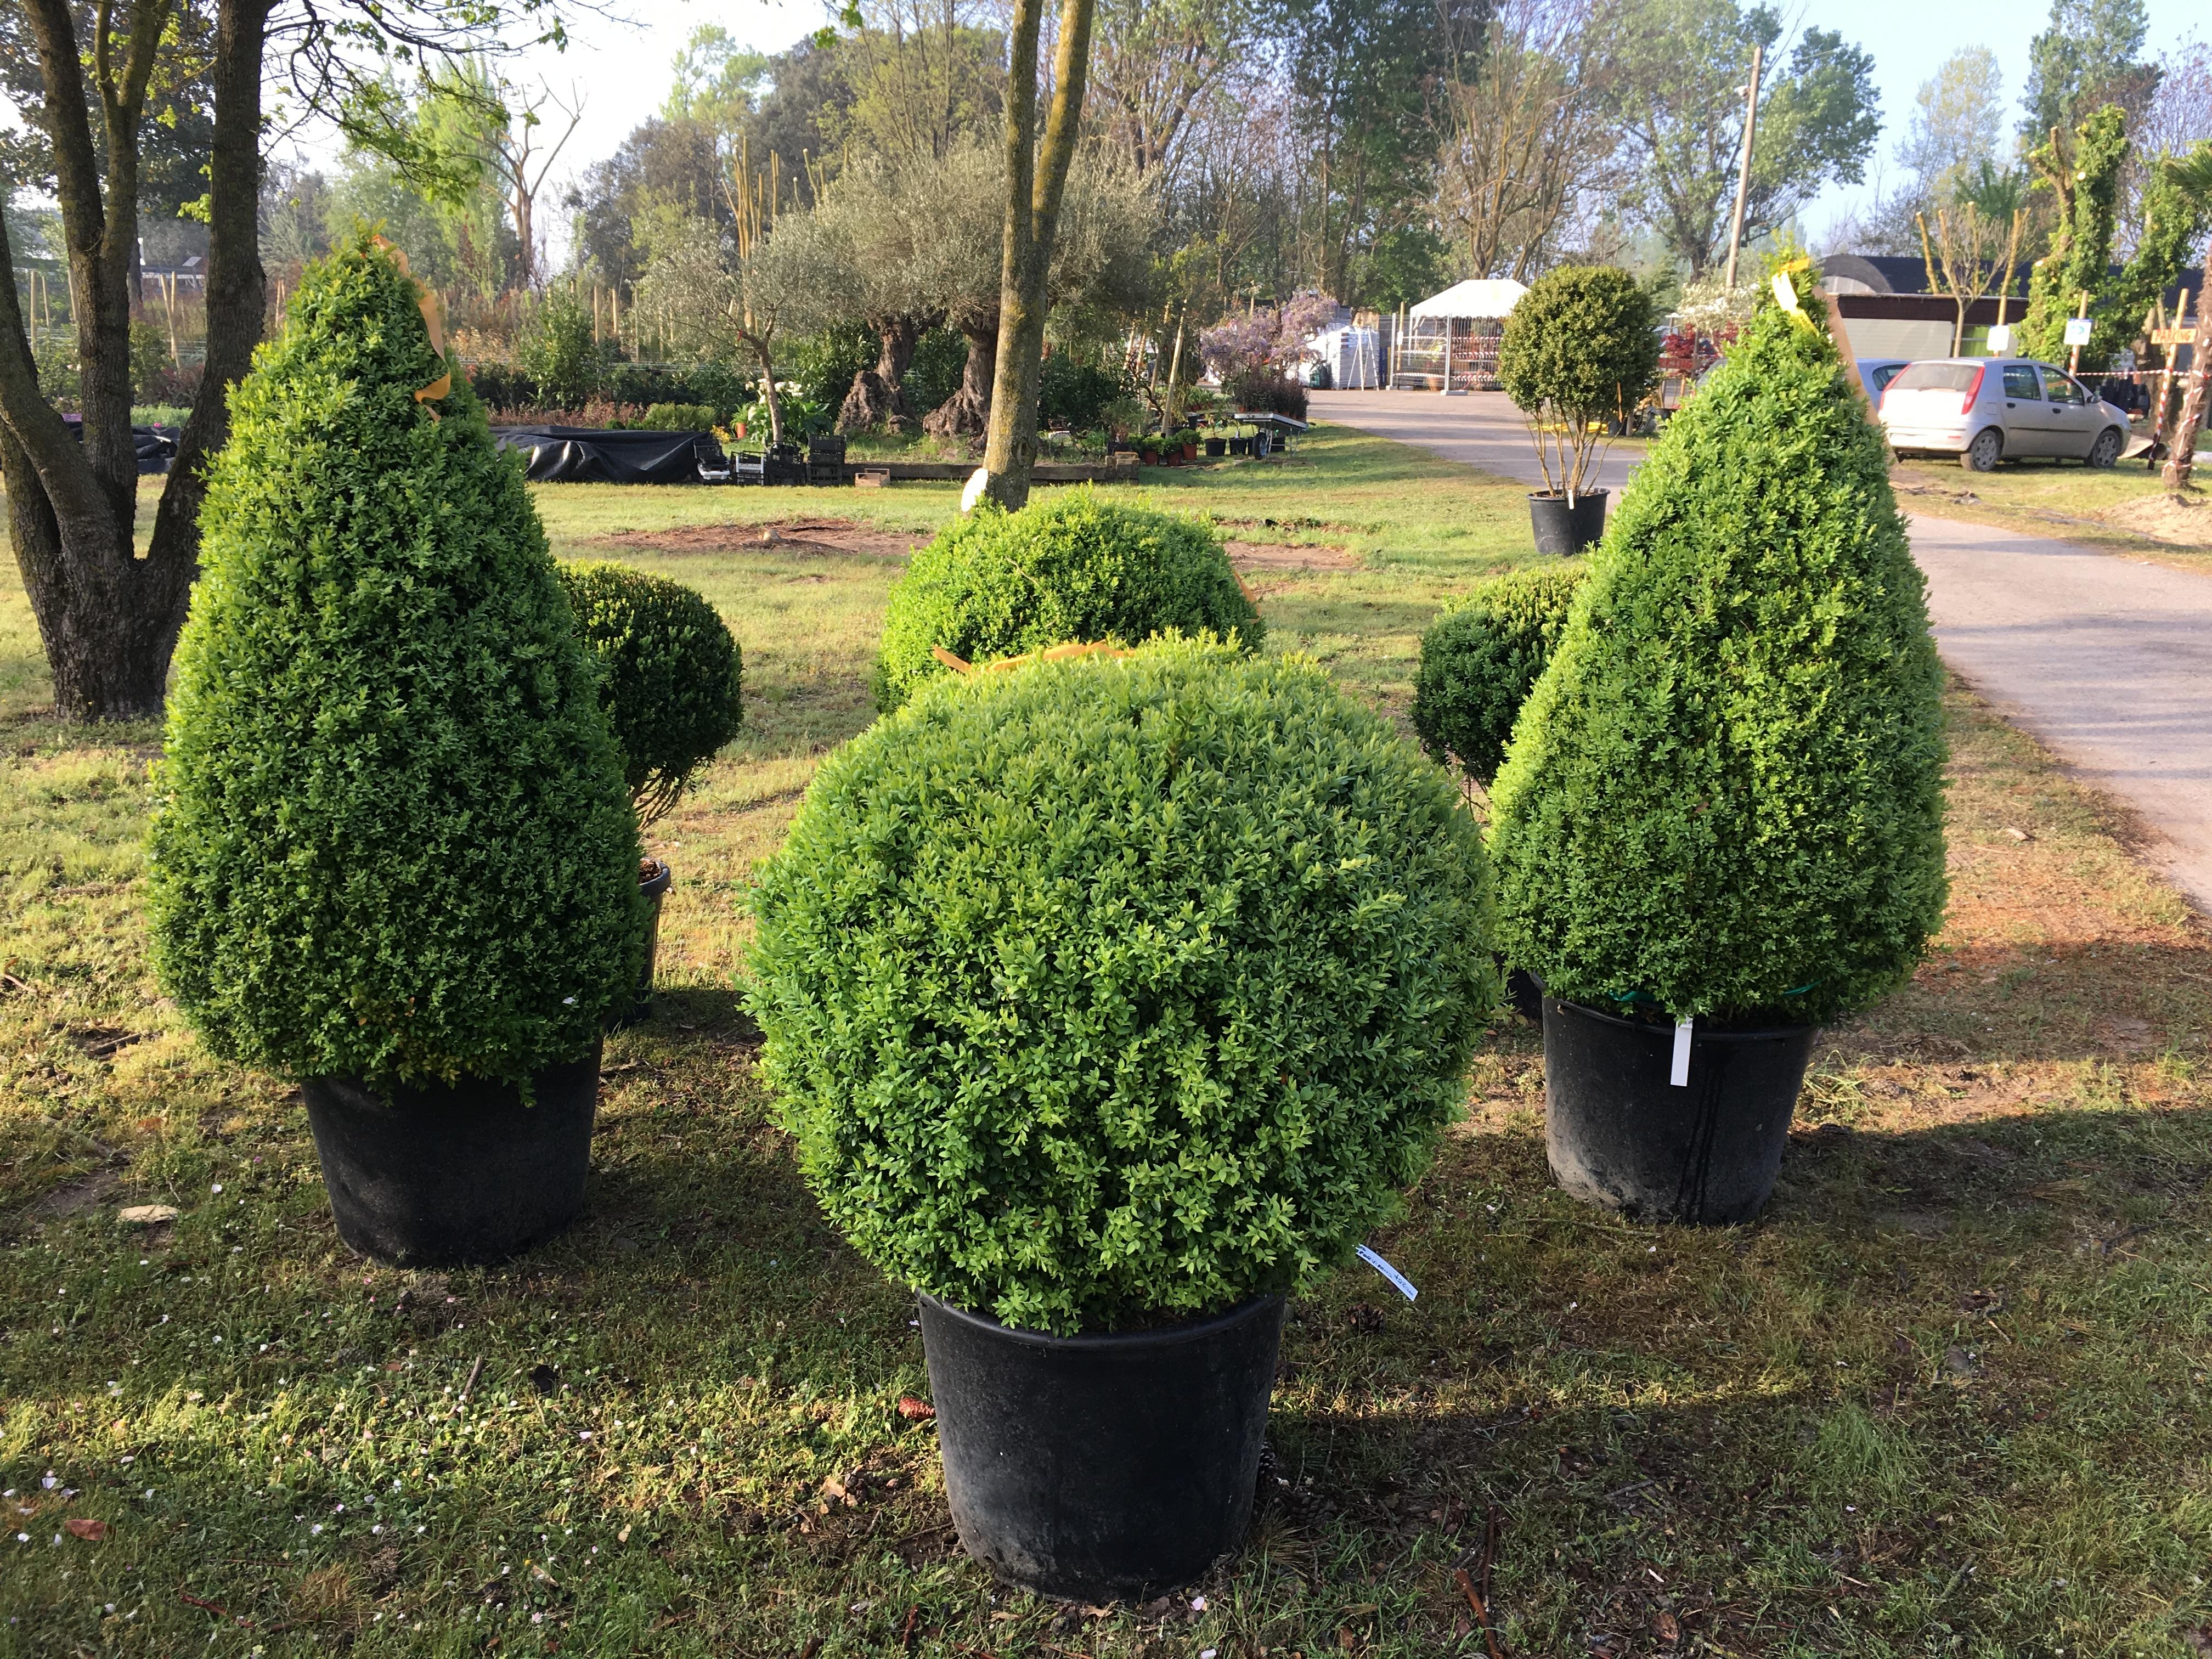 Vendita piante e complementi da giardino green style s s for Vendita piante giardino